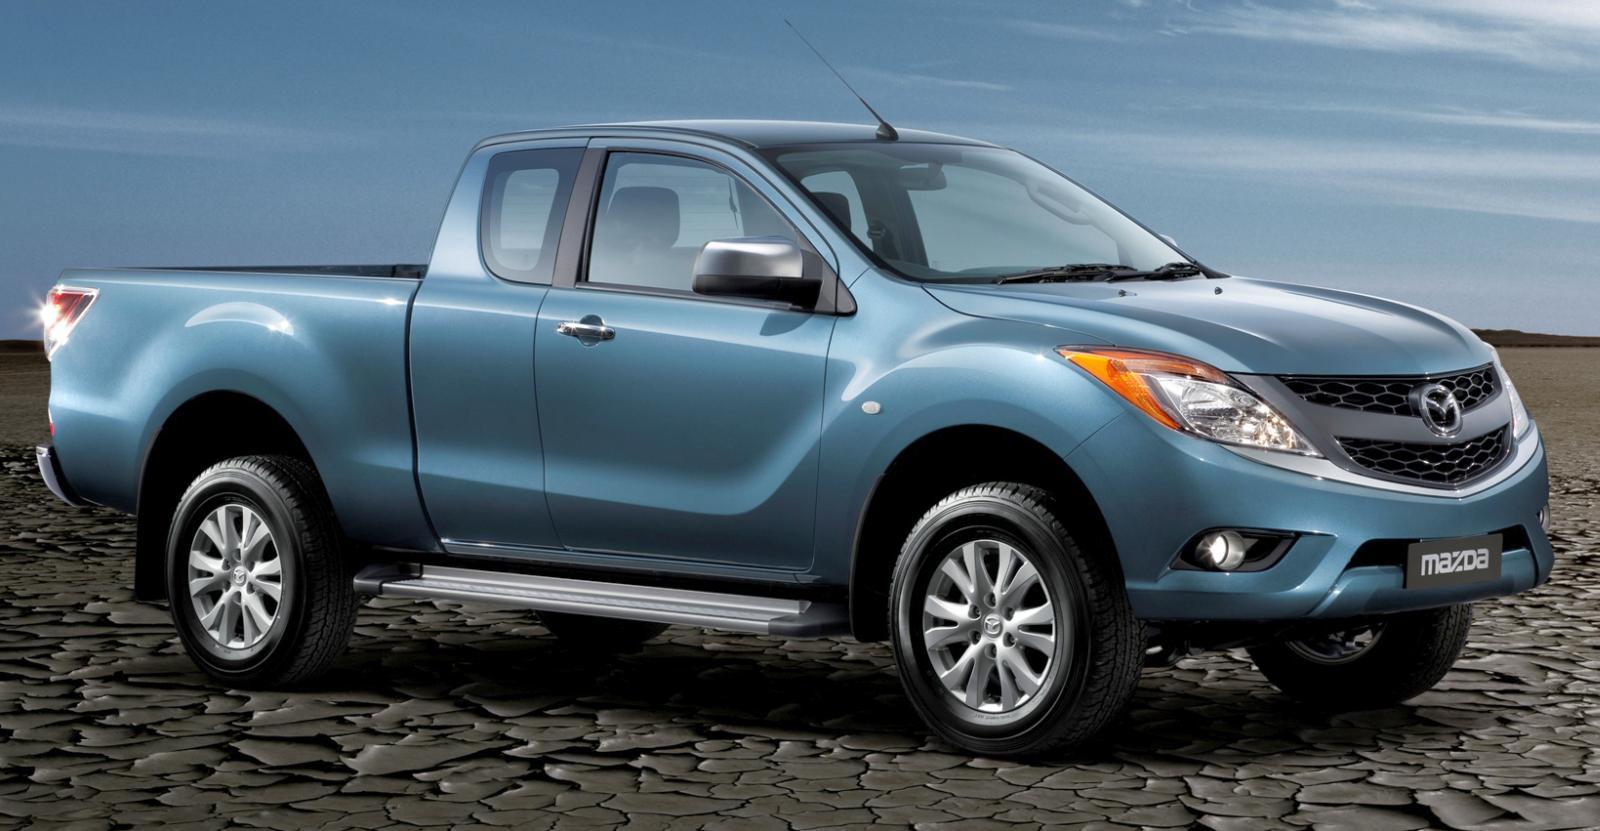 Isuzu построит новый пикап для Mazda 2